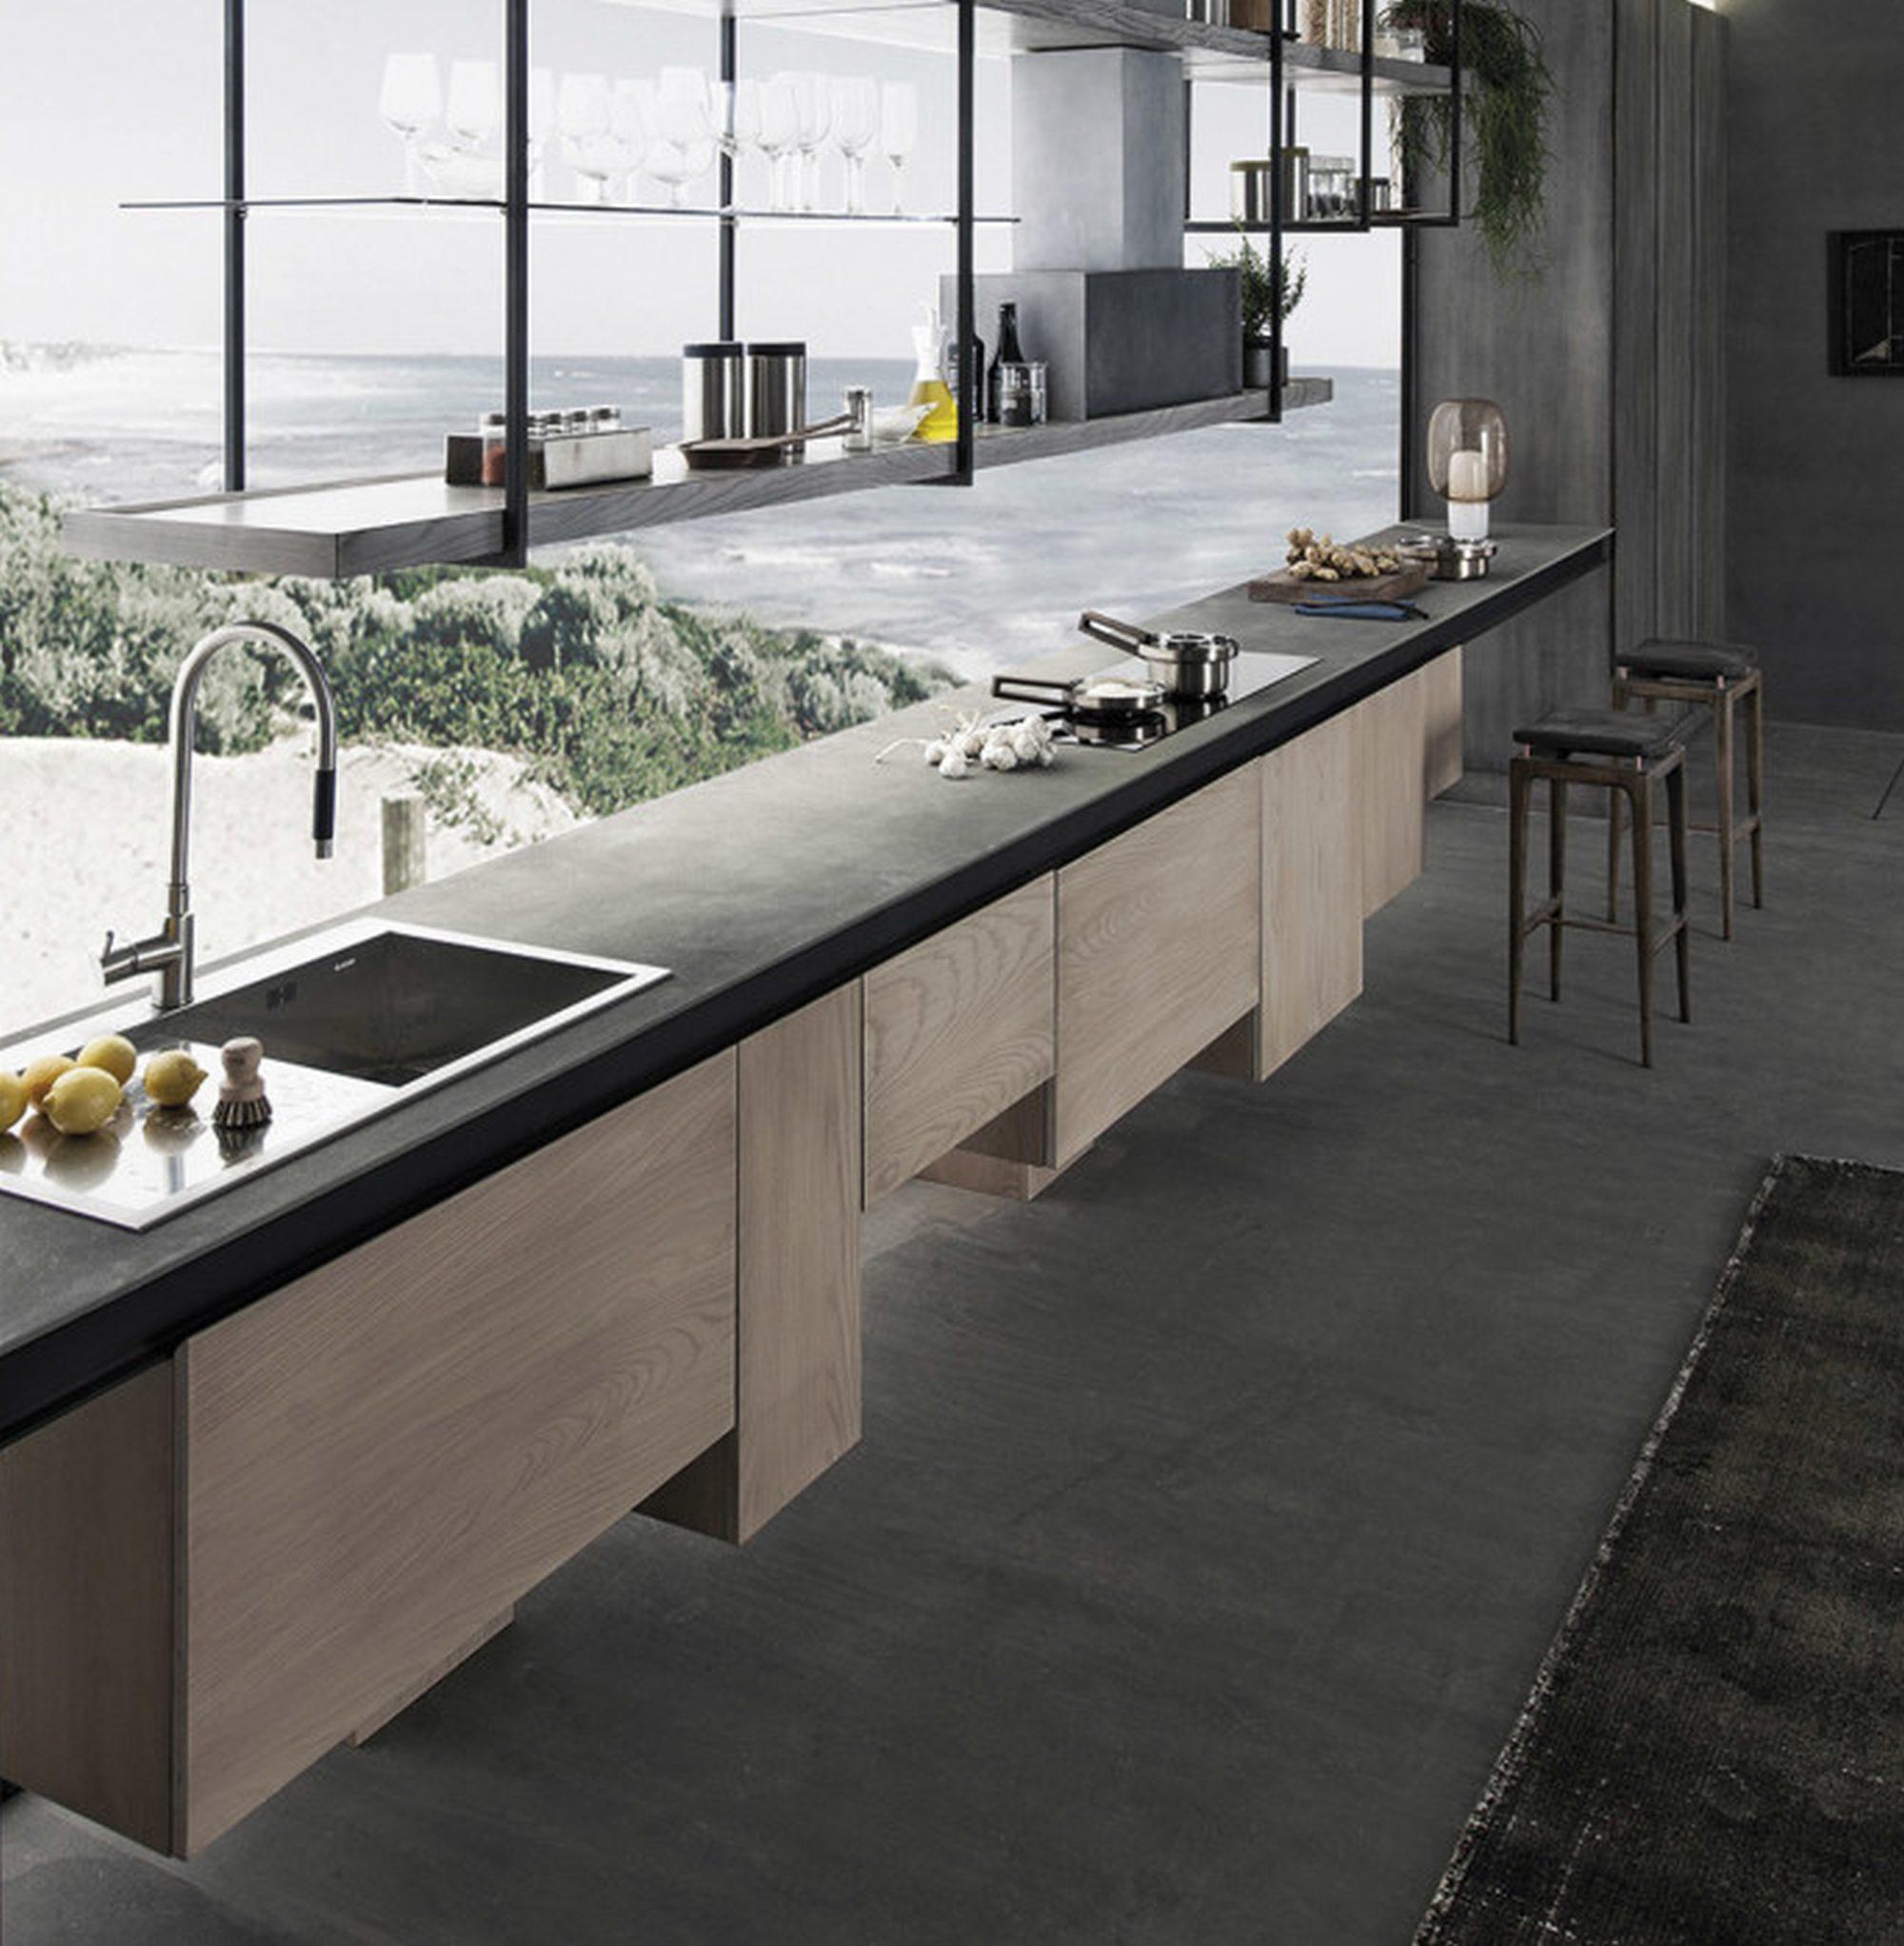 17 cocinas modernas con encimera de cemento - Material para cocinas modernas ...